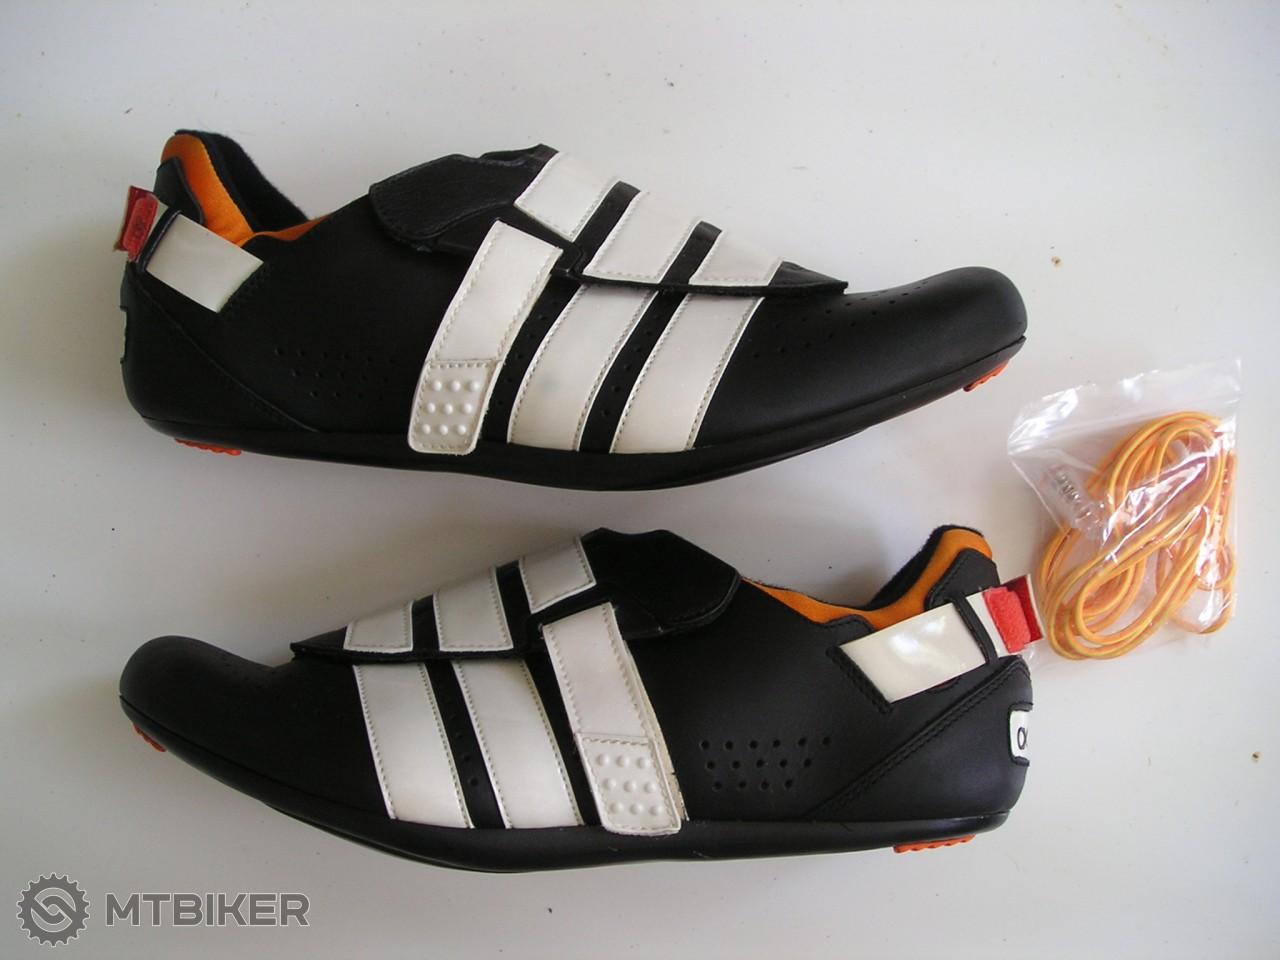 Nove Cyklo Tretry Adidas Velkost 43 - Príslušenstvo - Tretry - Bazár MTBIKER bb9b619c5d